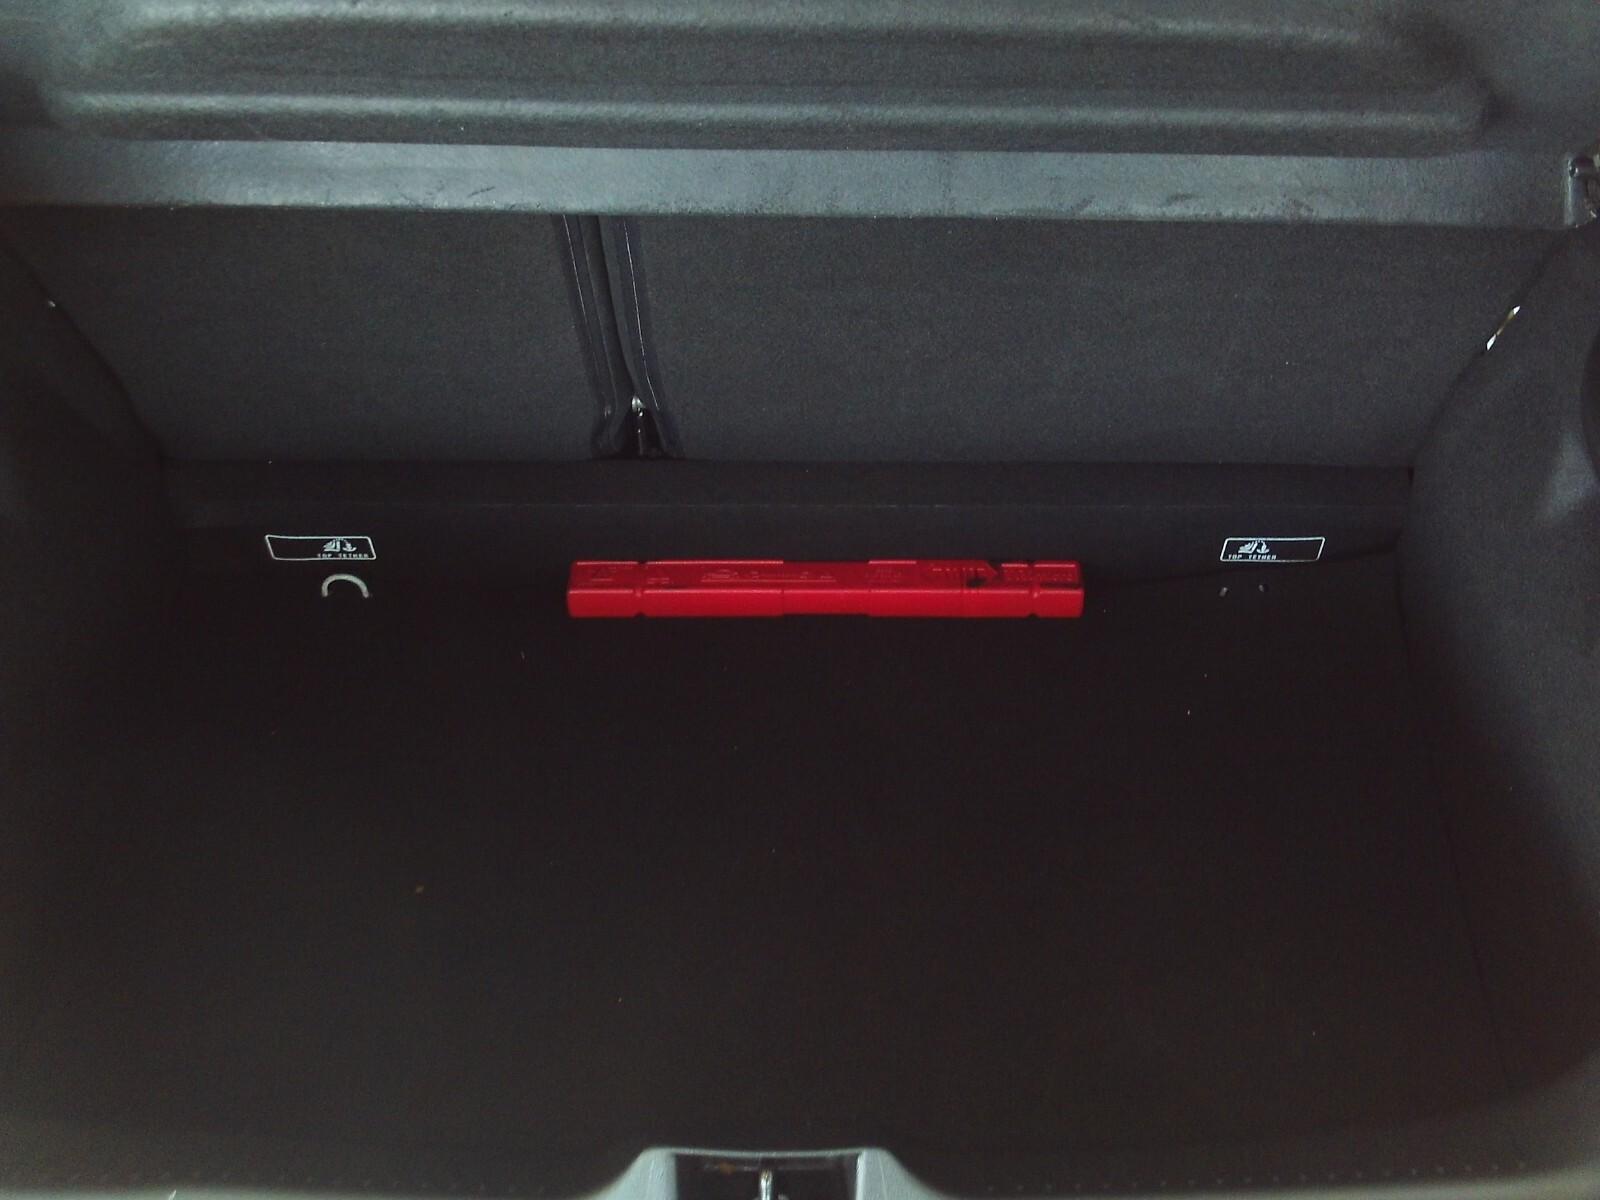 RENAULT IV 900T AUTHENTIQUE 5DR (66KW) Pretoria 12326862